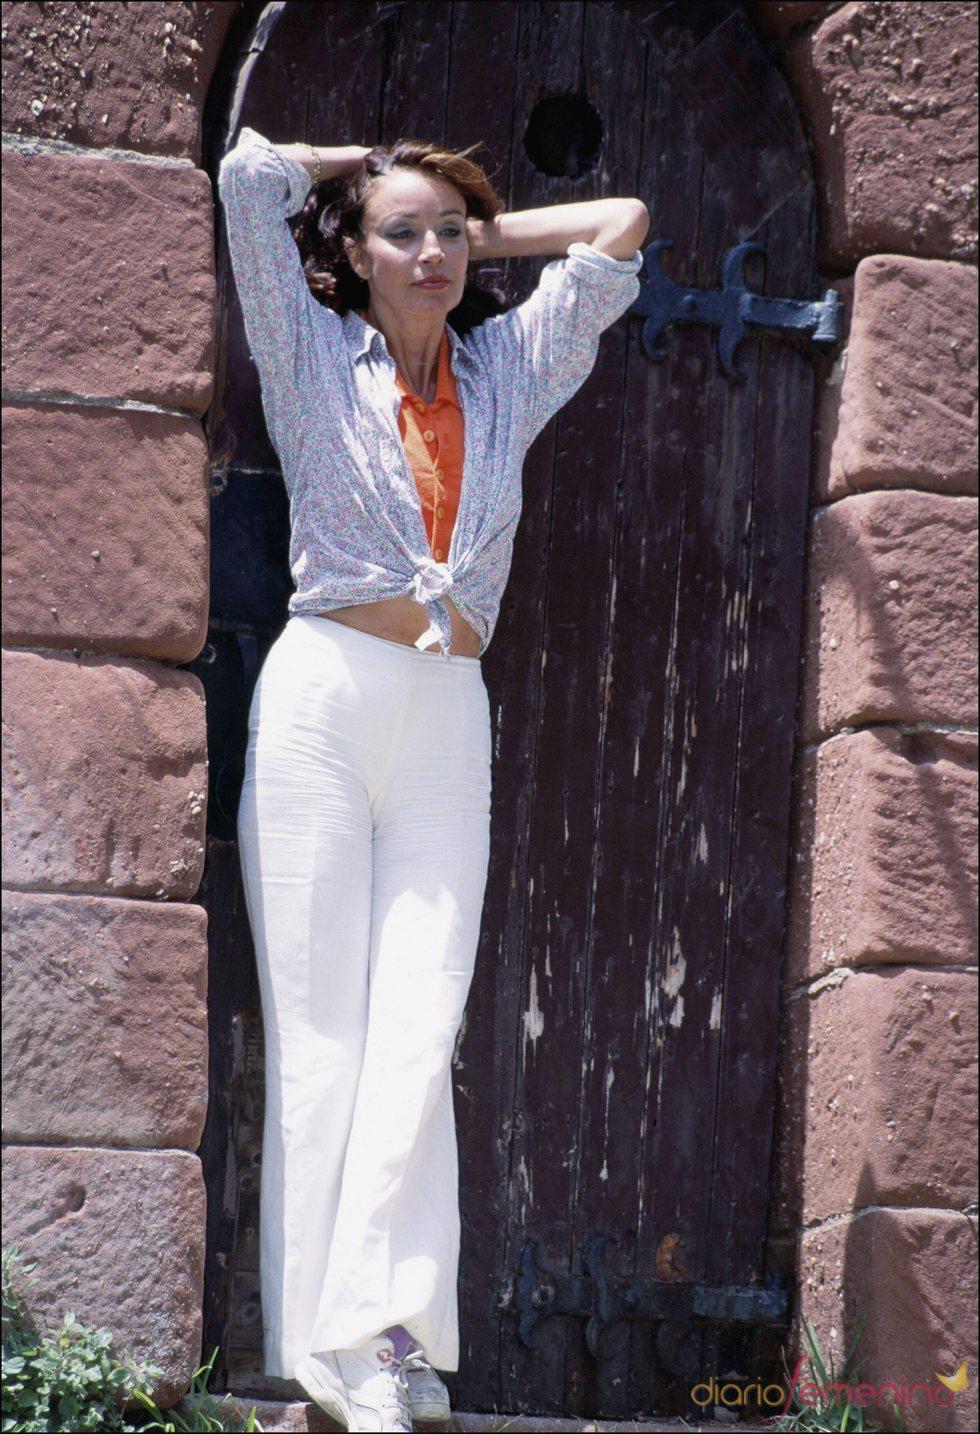 Amparo Muñoz, Miss Universo en 1974